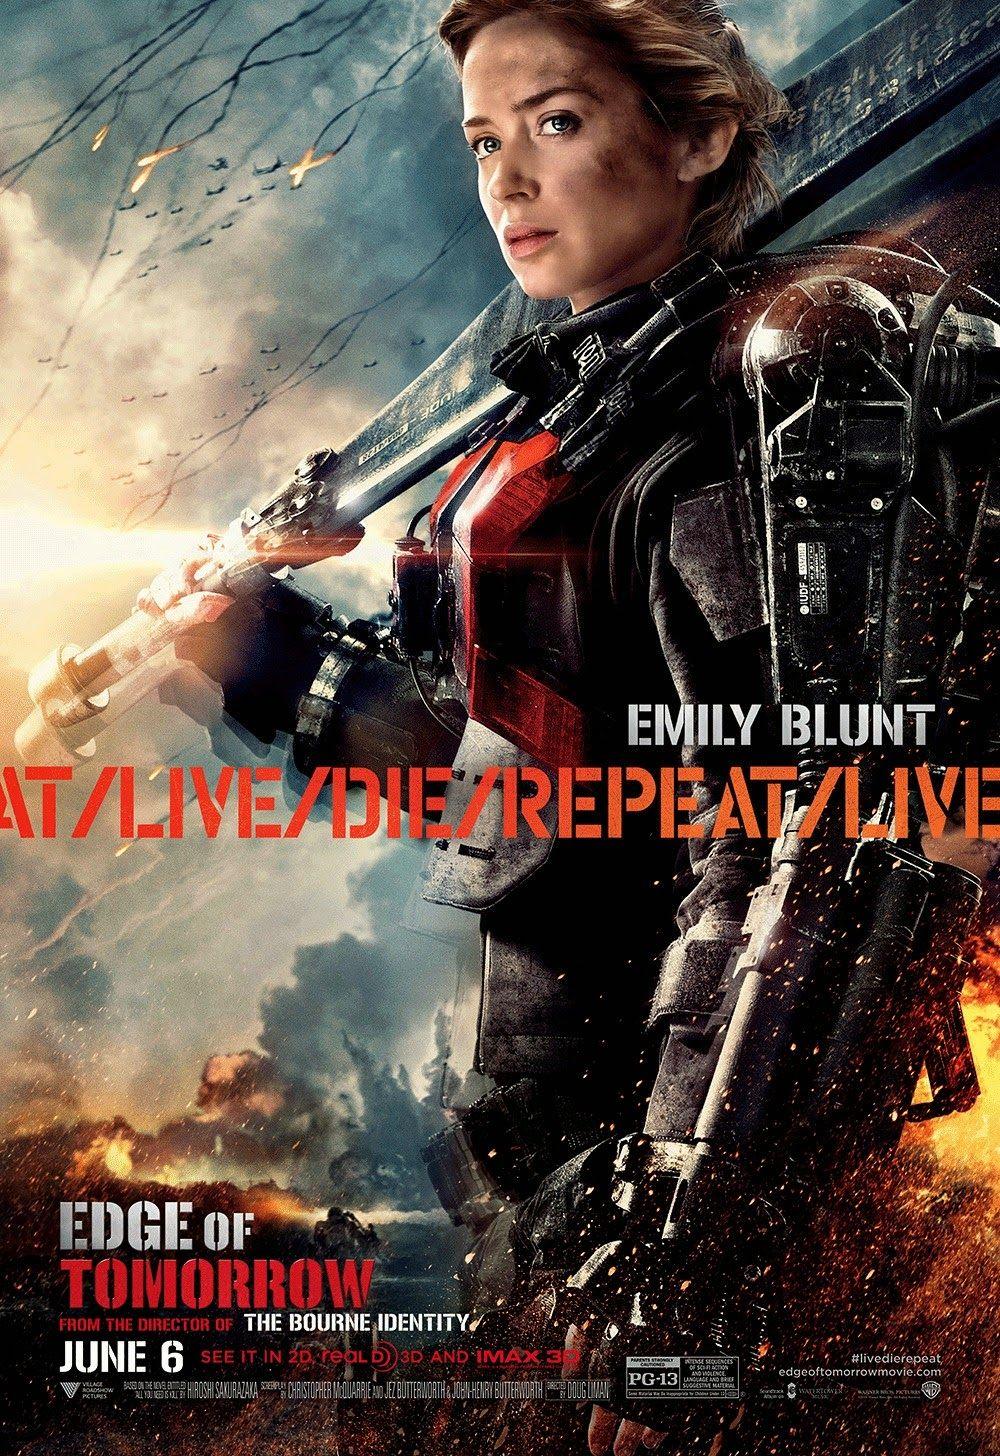 Pin De Aixandria En Emily Blunt Peliculas De Accion Poster De Cine Cine